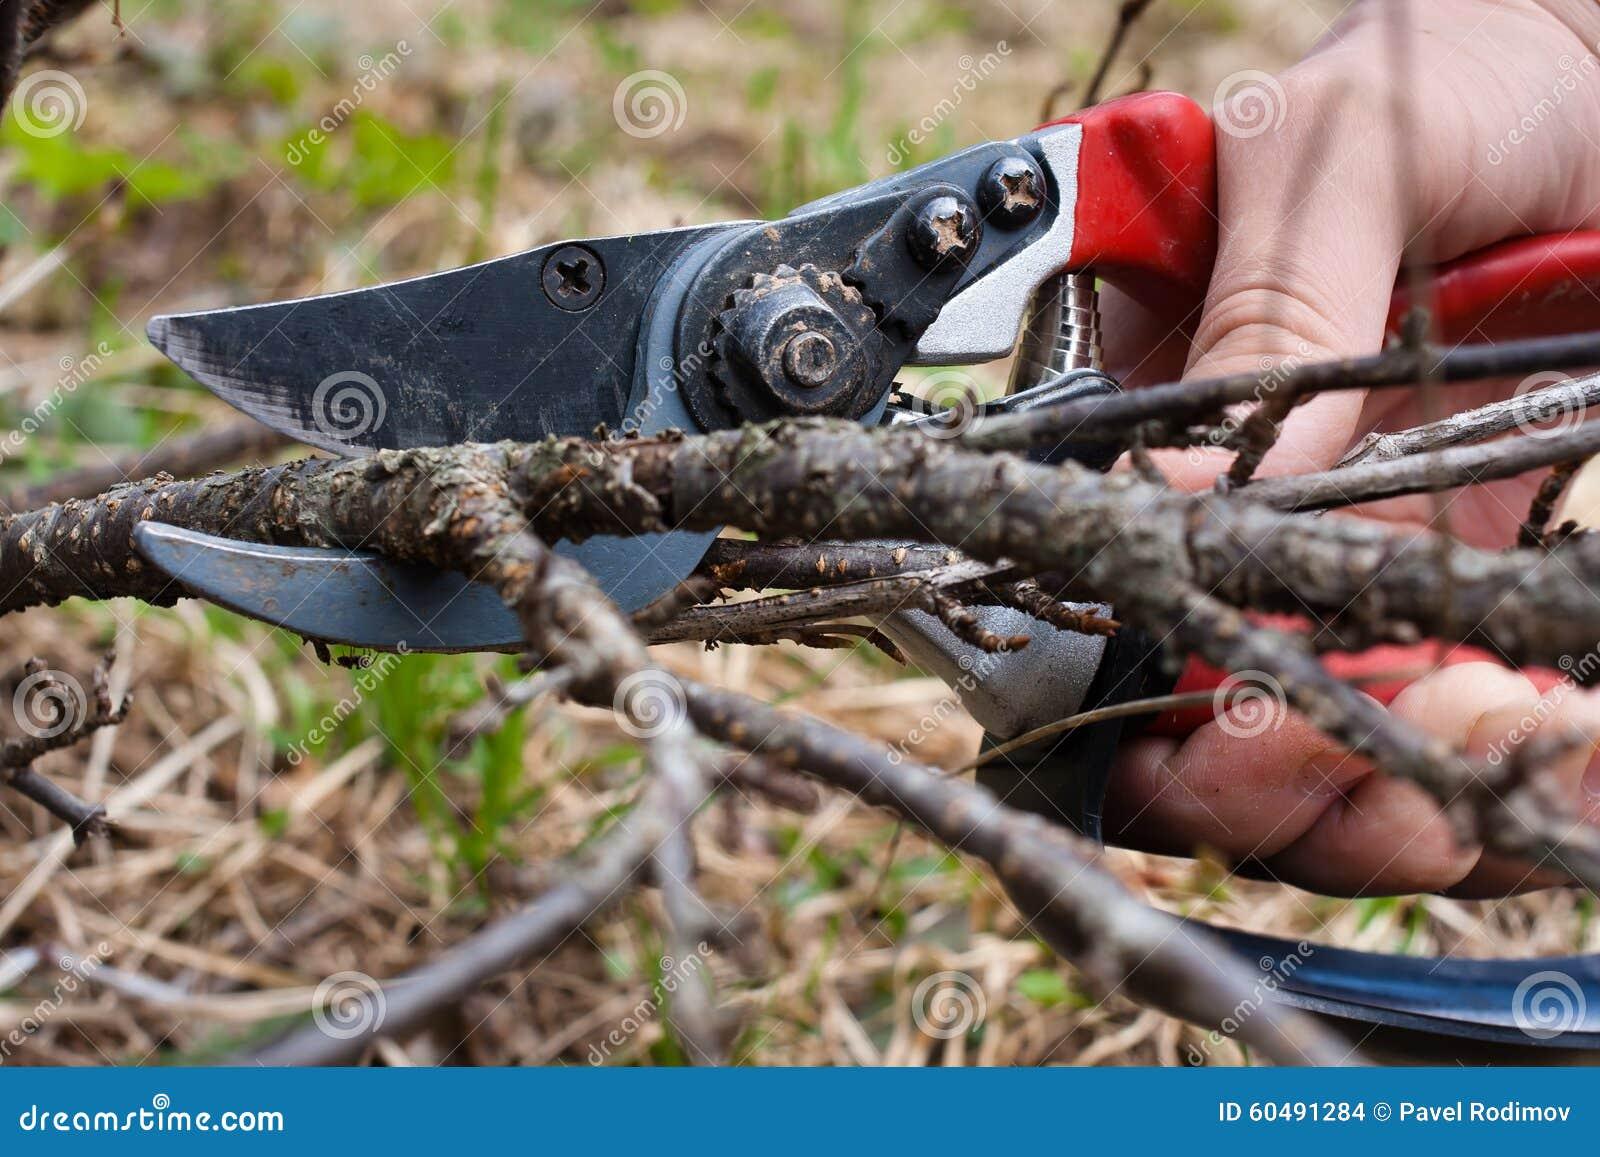 Schwarzer Strom der Beschneidung durch Garten pruner